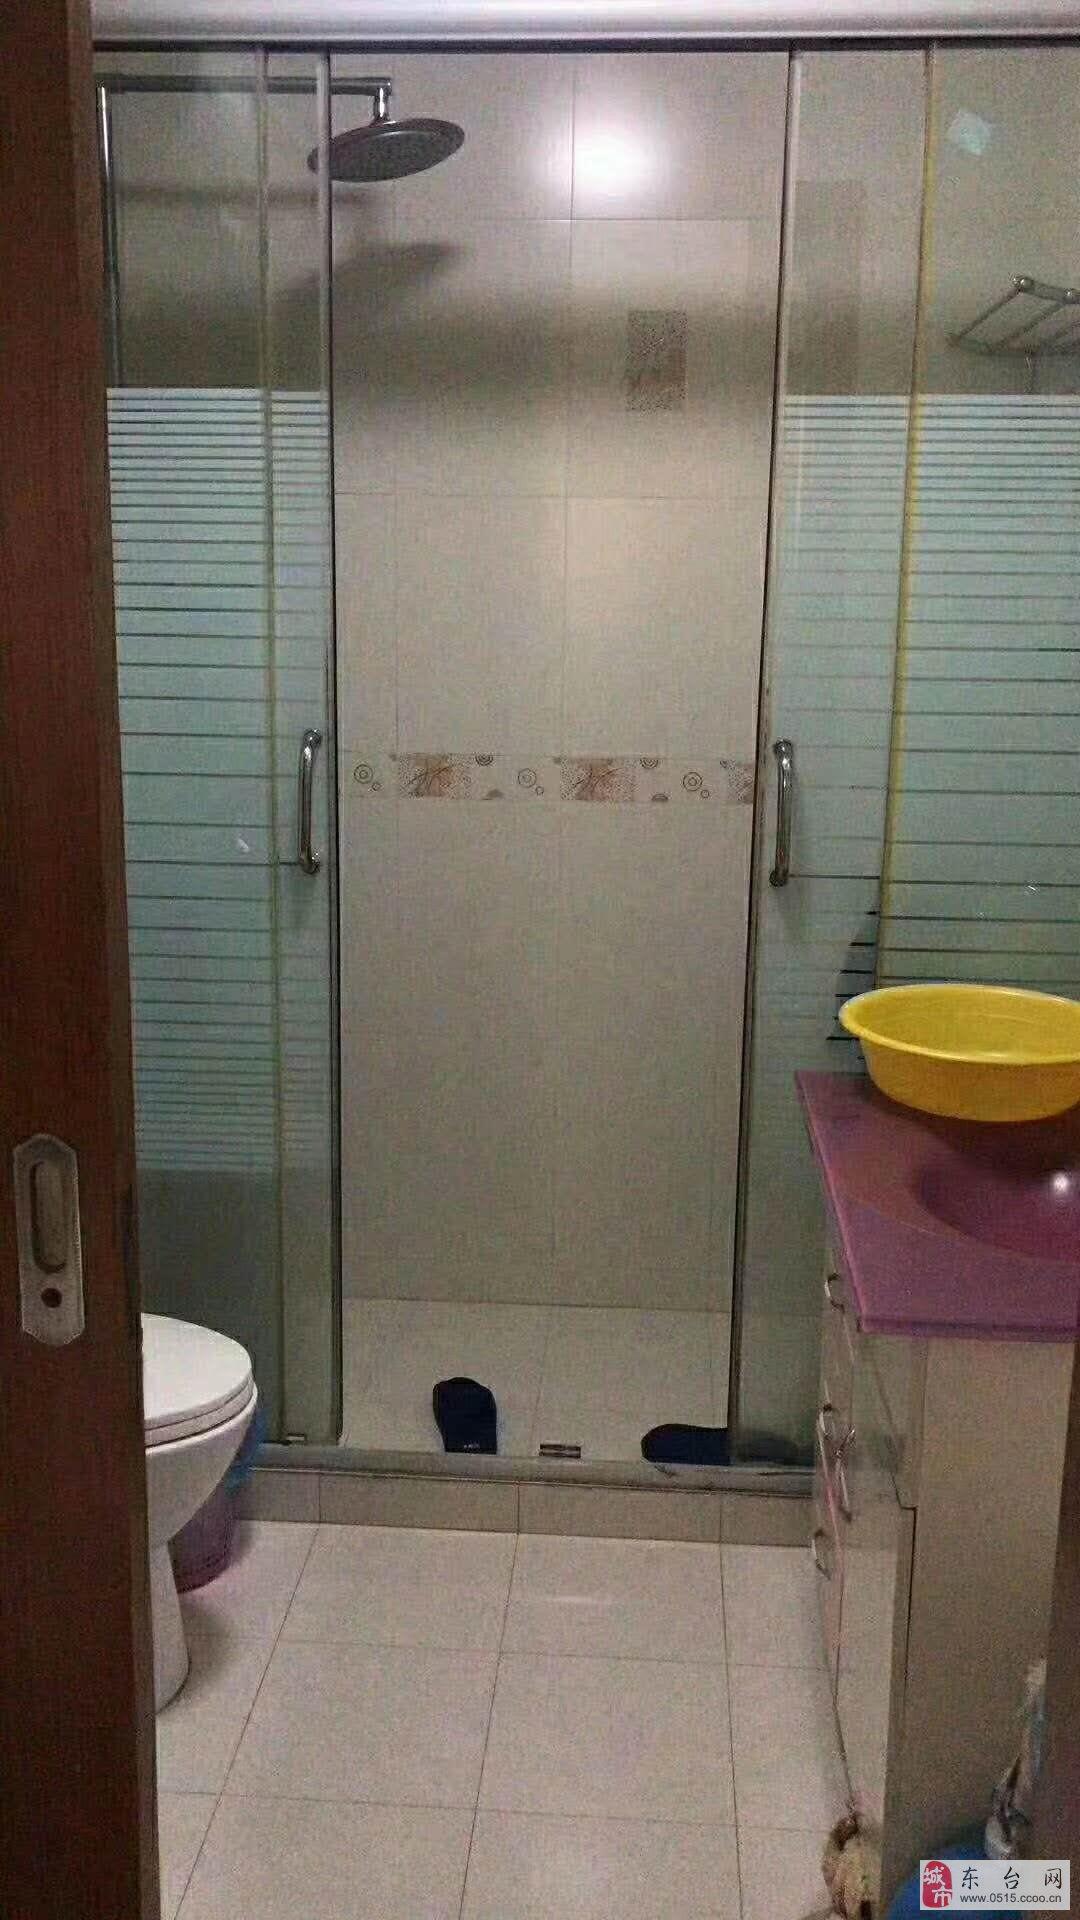 龙晶花园3室2厅1卫102.8万元